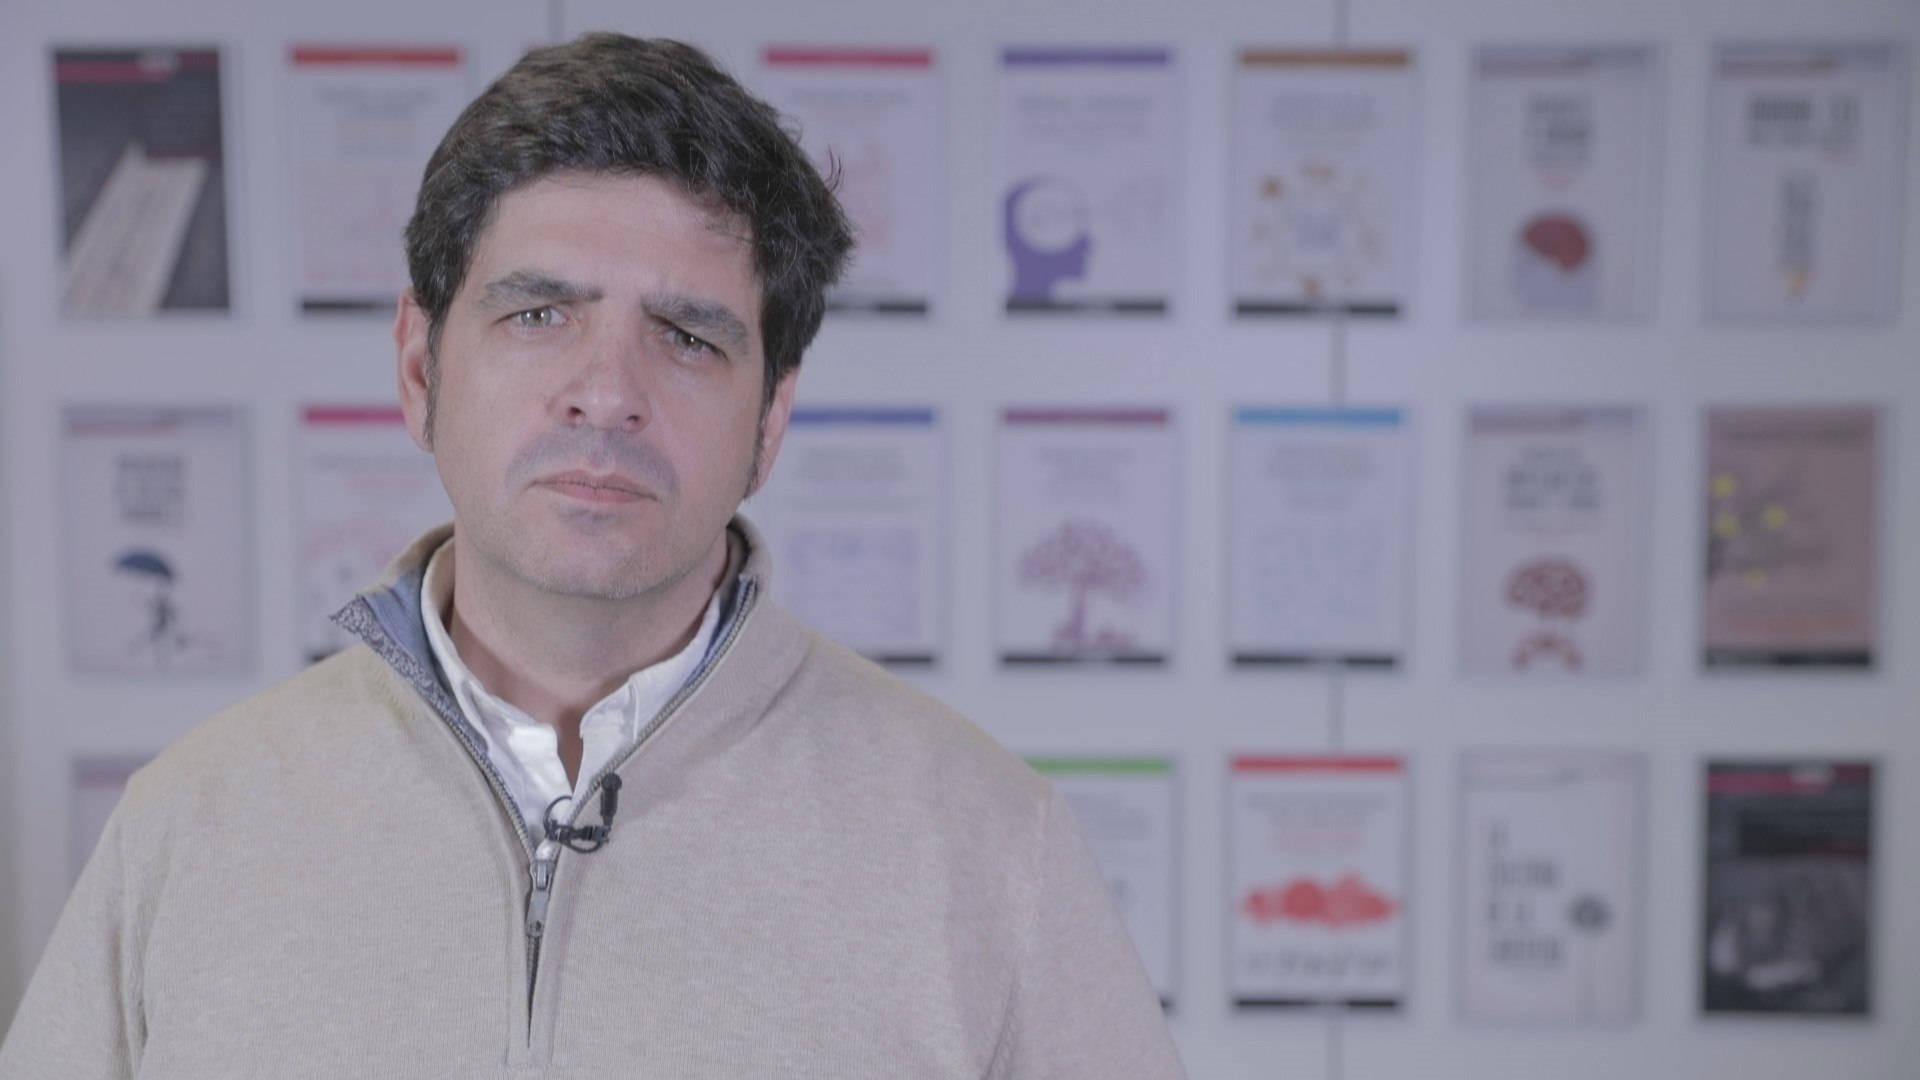 Fernando Villar, Profesor del curso de Formación Permanente Realidad Aumentada en educación